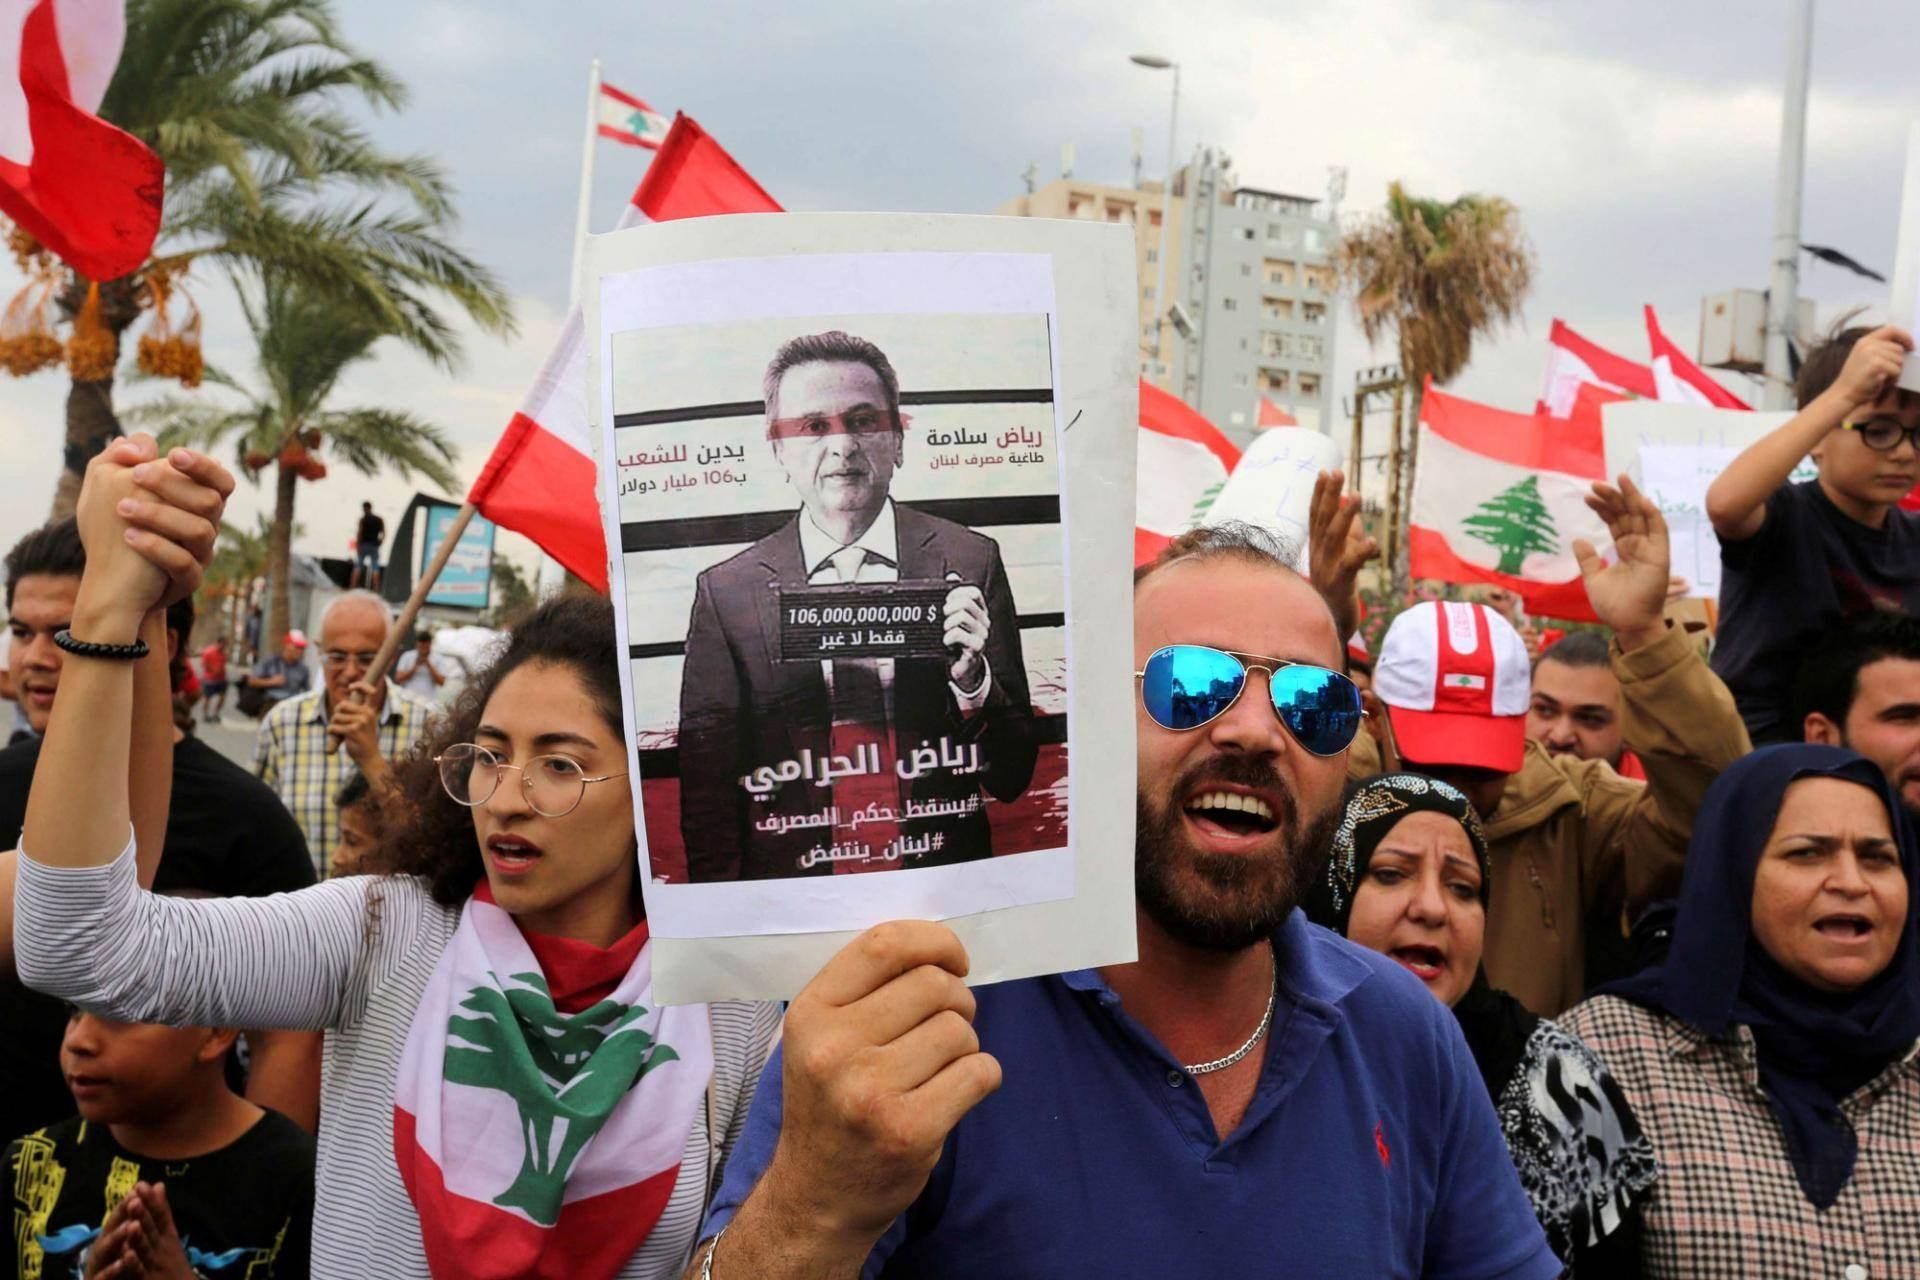 الاحتجاجات التي حصلت ضد حاكم مصرف لبنان رياض سلامة (أرشيف)